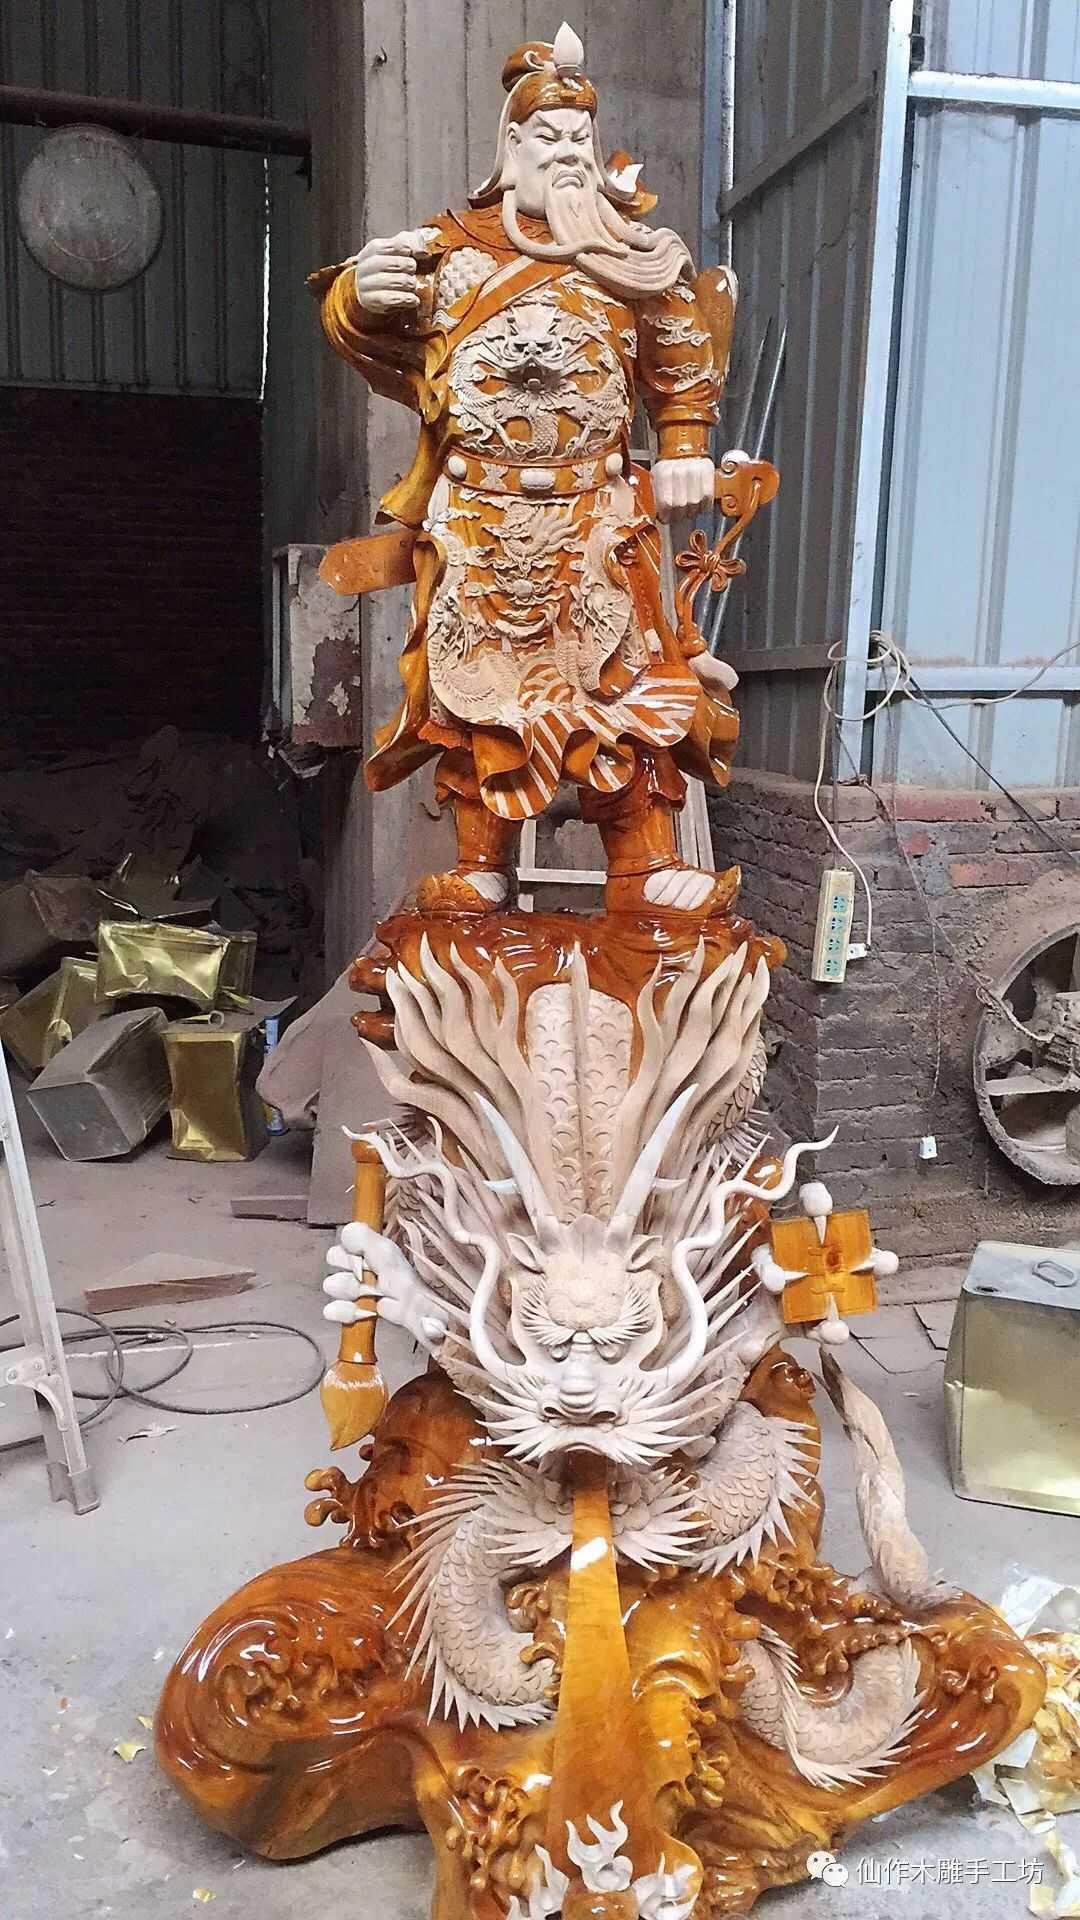 金丝楠与仙作木雕技艺的完美融合